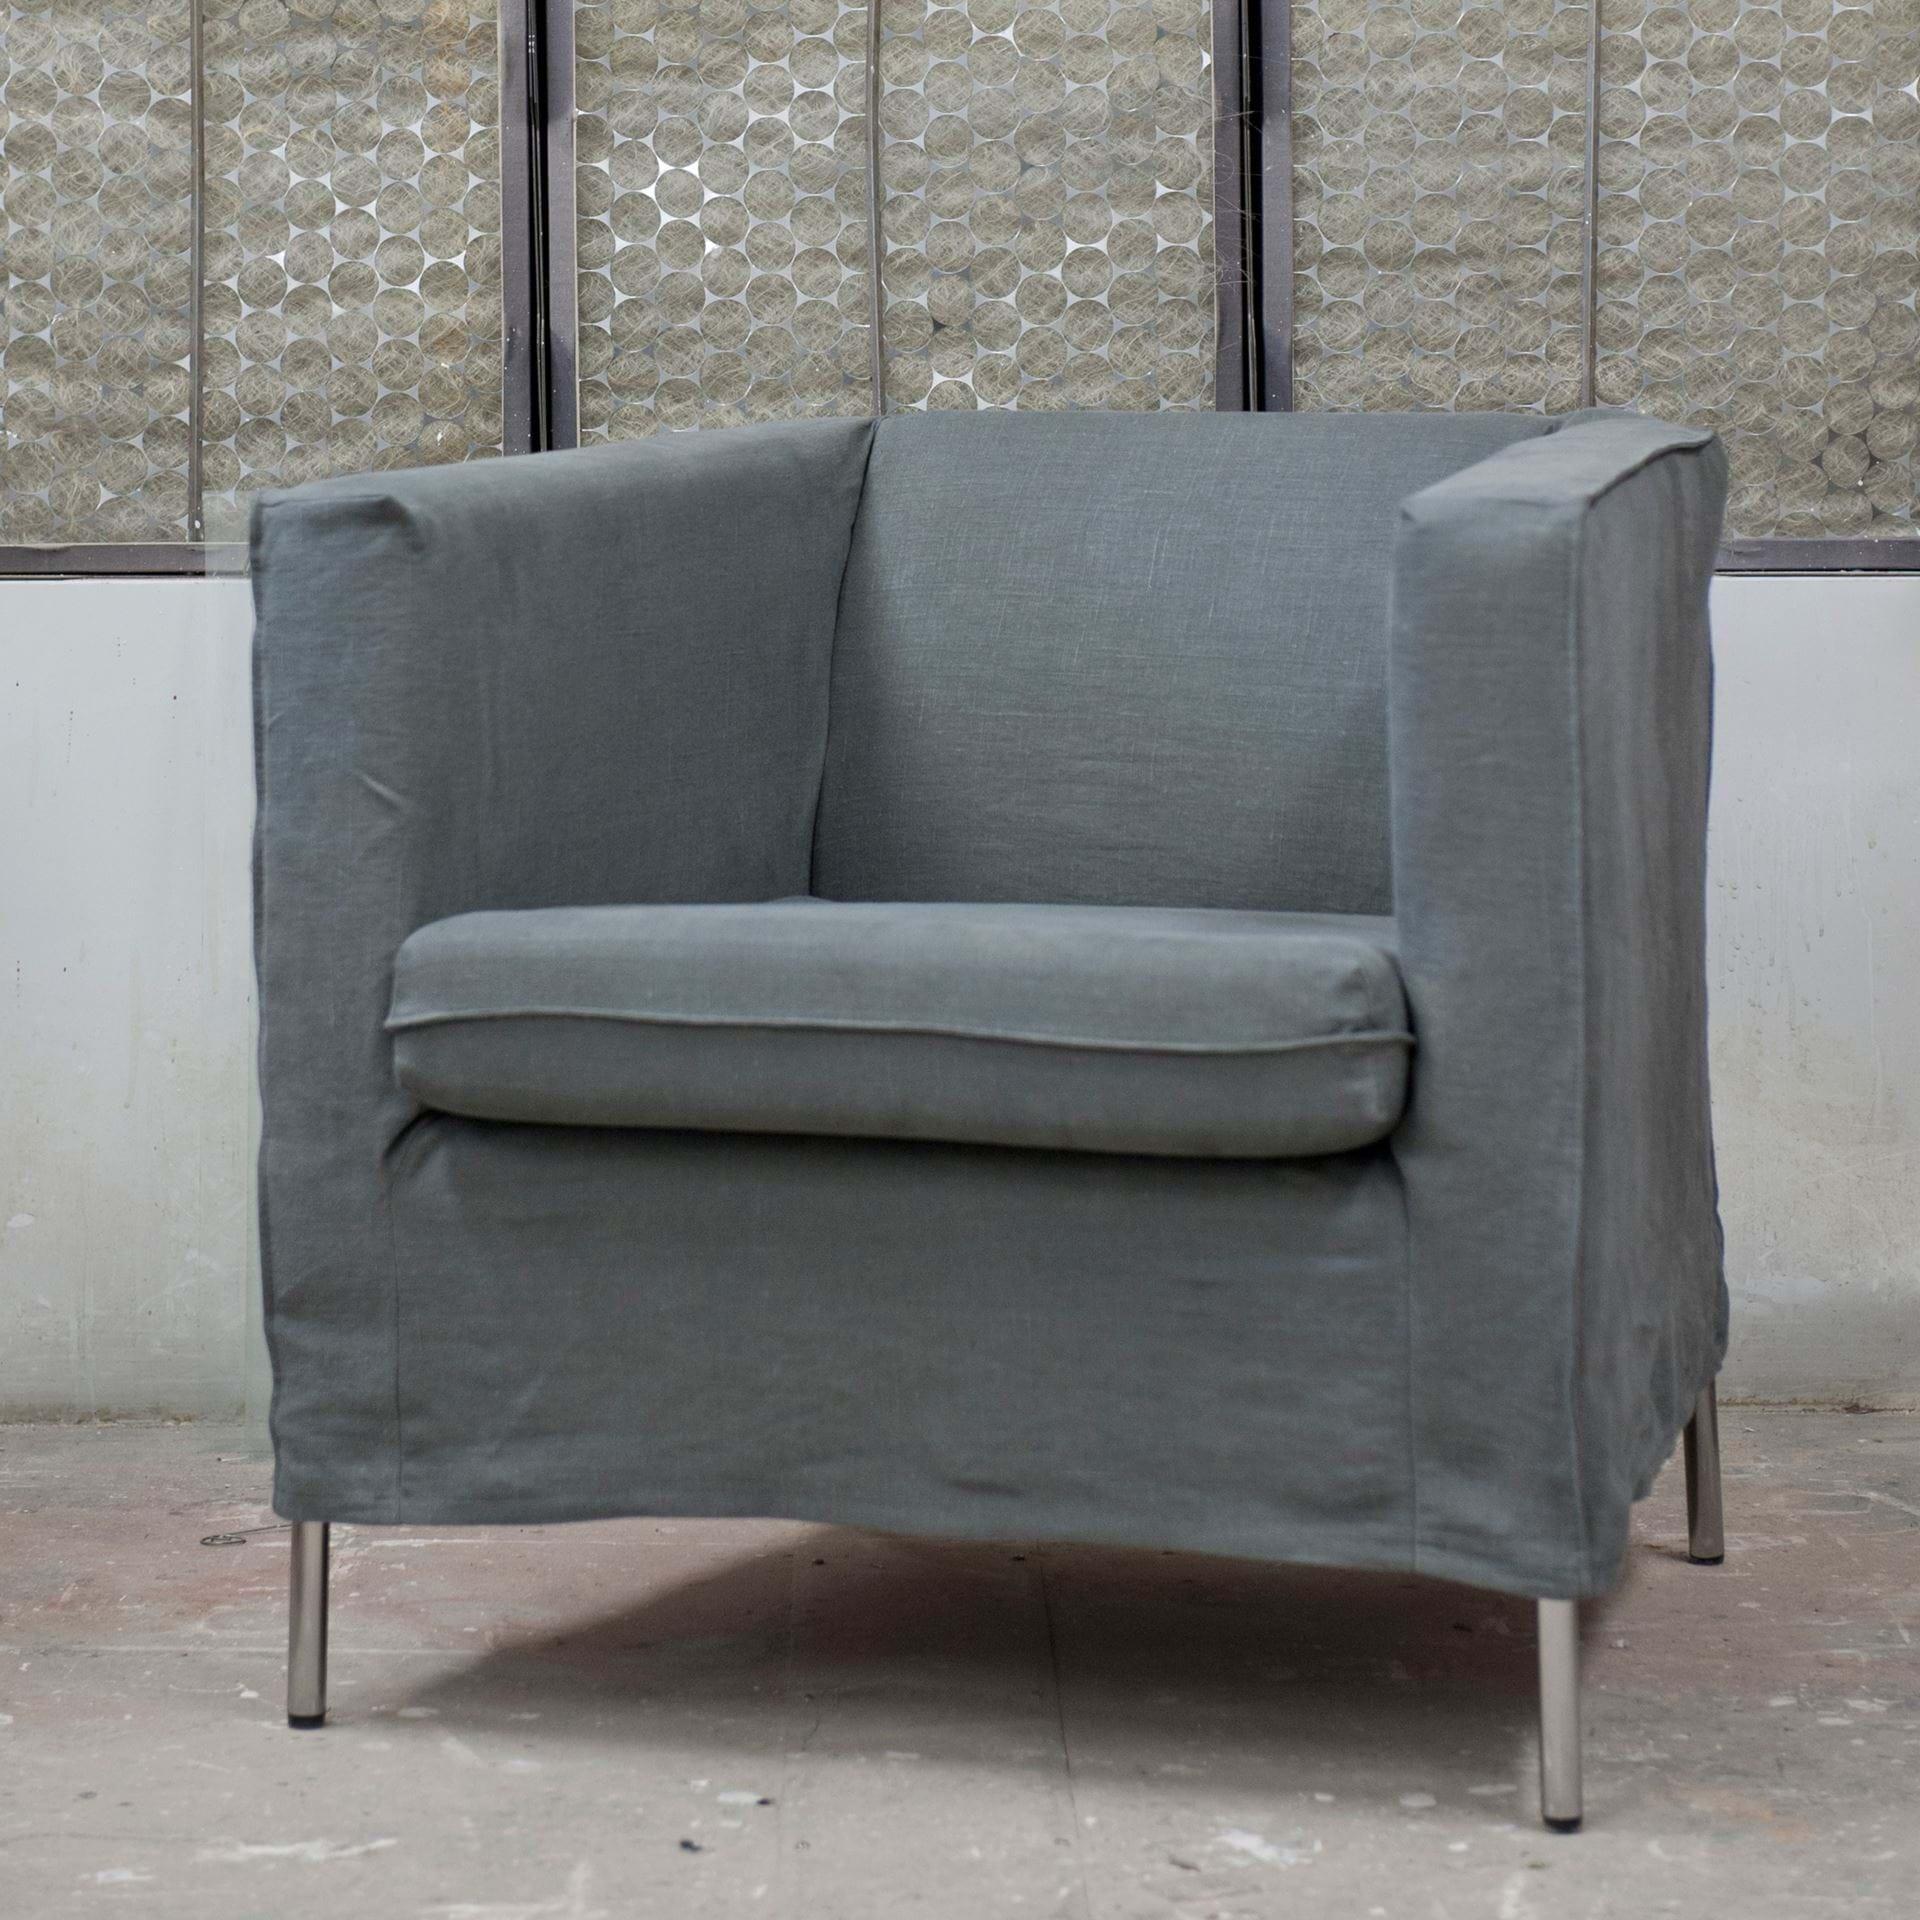 Stupendous Ikea Klappsta Armchair Cover Loose Fit Bemz Inzonedesignstudio Interior Chair Design Inzonedesignstudiocom